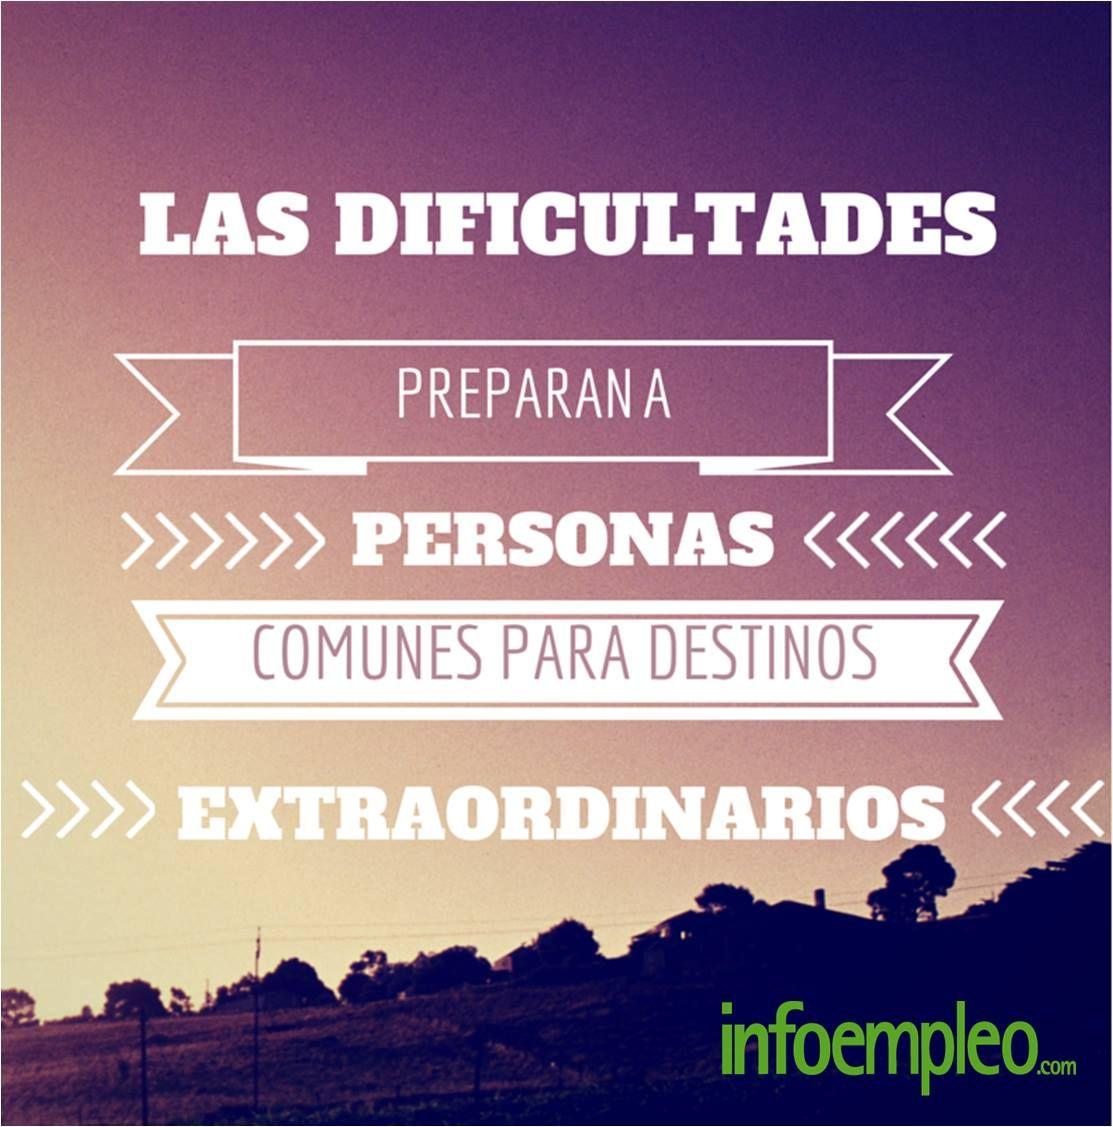 Las dificultades preparan a personas comunes para destinos ...